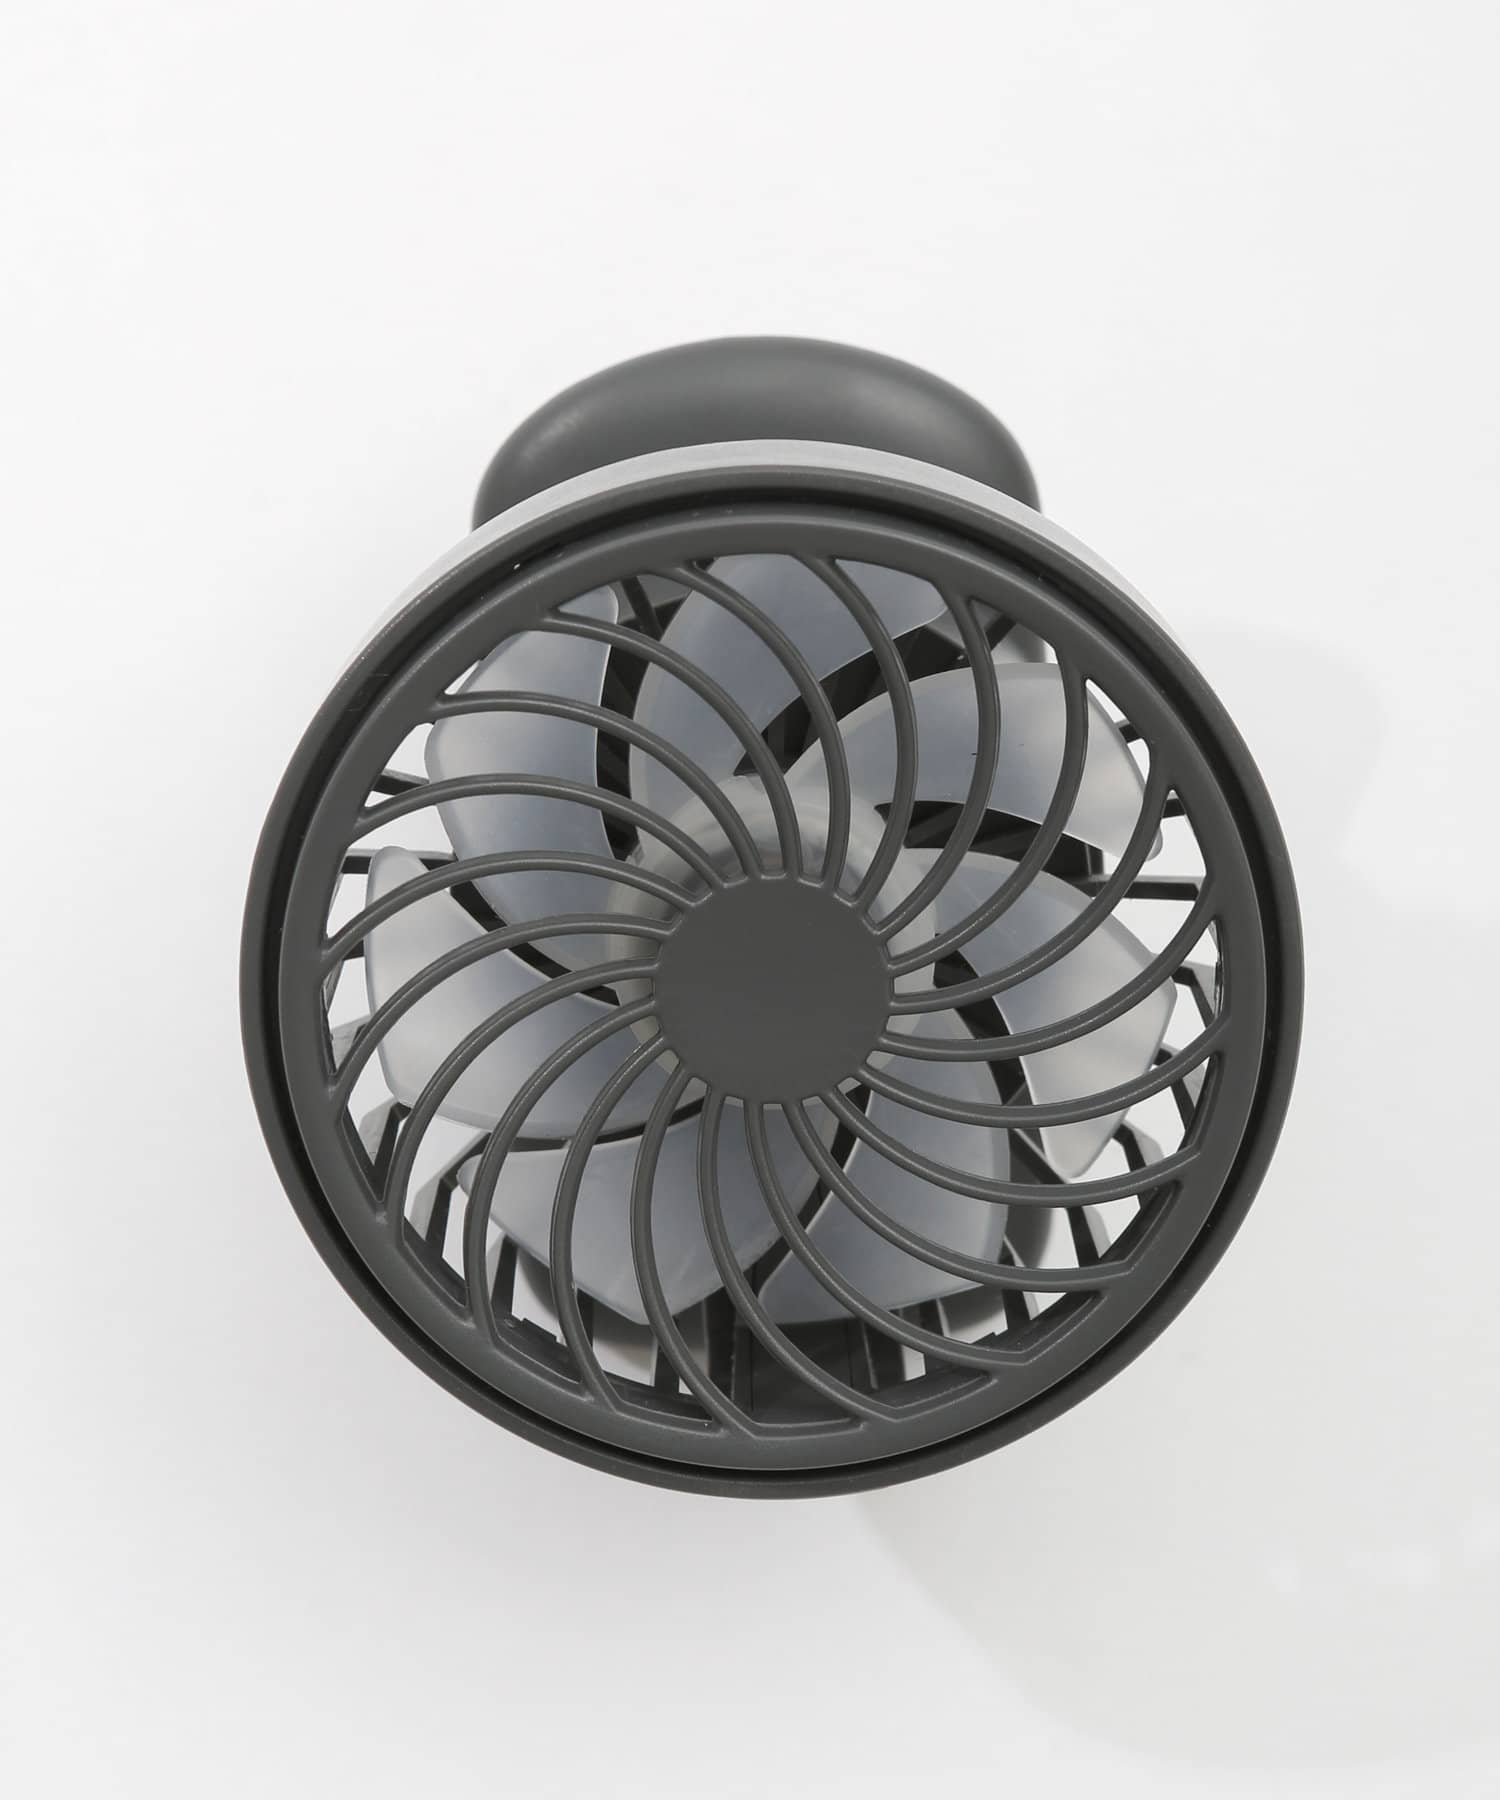 3COINS(スリーコインズ) ライフスタイル 【熱中症対策】充電式ハンズフリークリップファン グレー